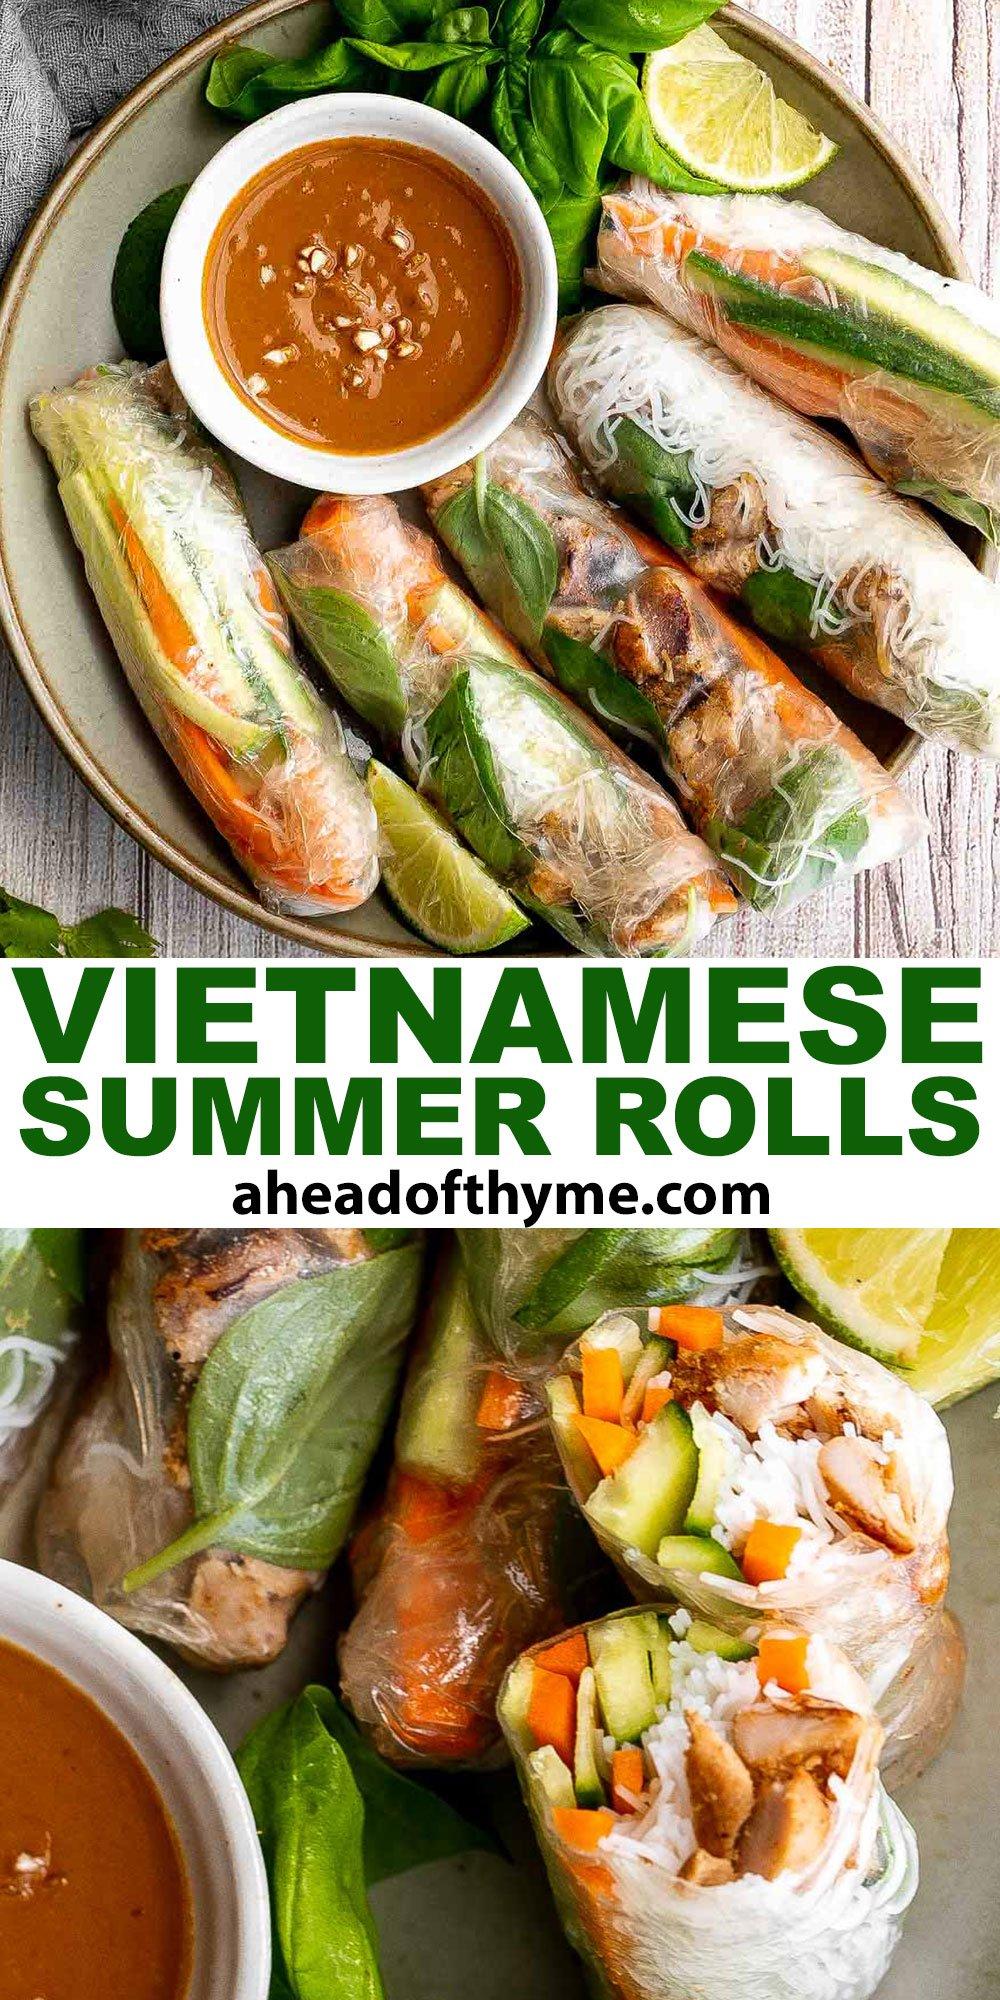 Vietnamese Summer Rolls with Chicken